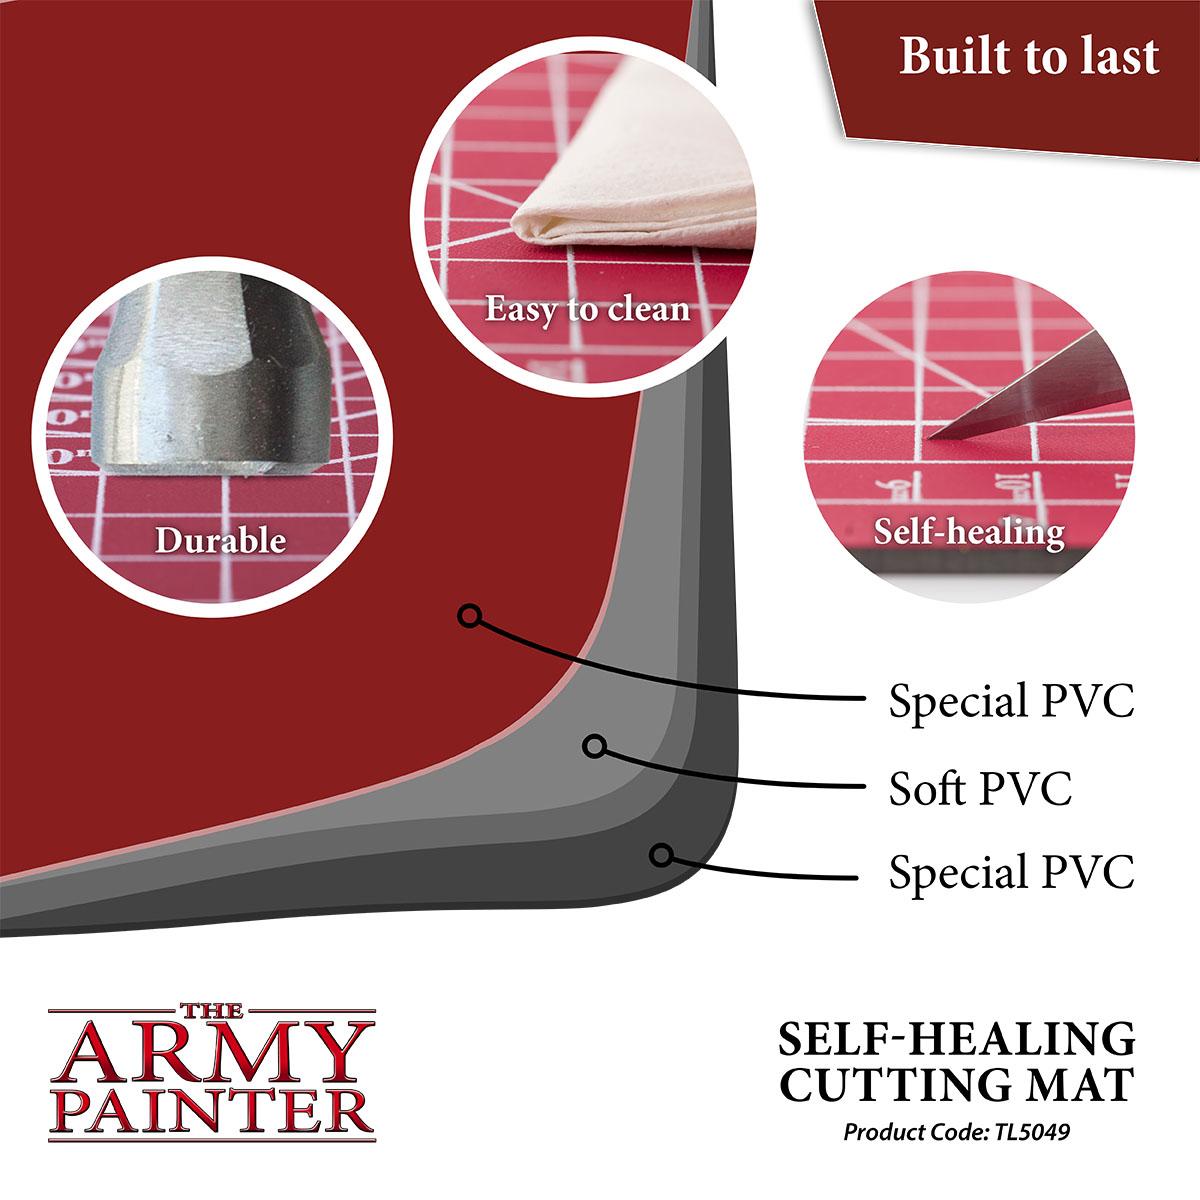 Army Painter Lõikematt - Self-healing Cutting mat